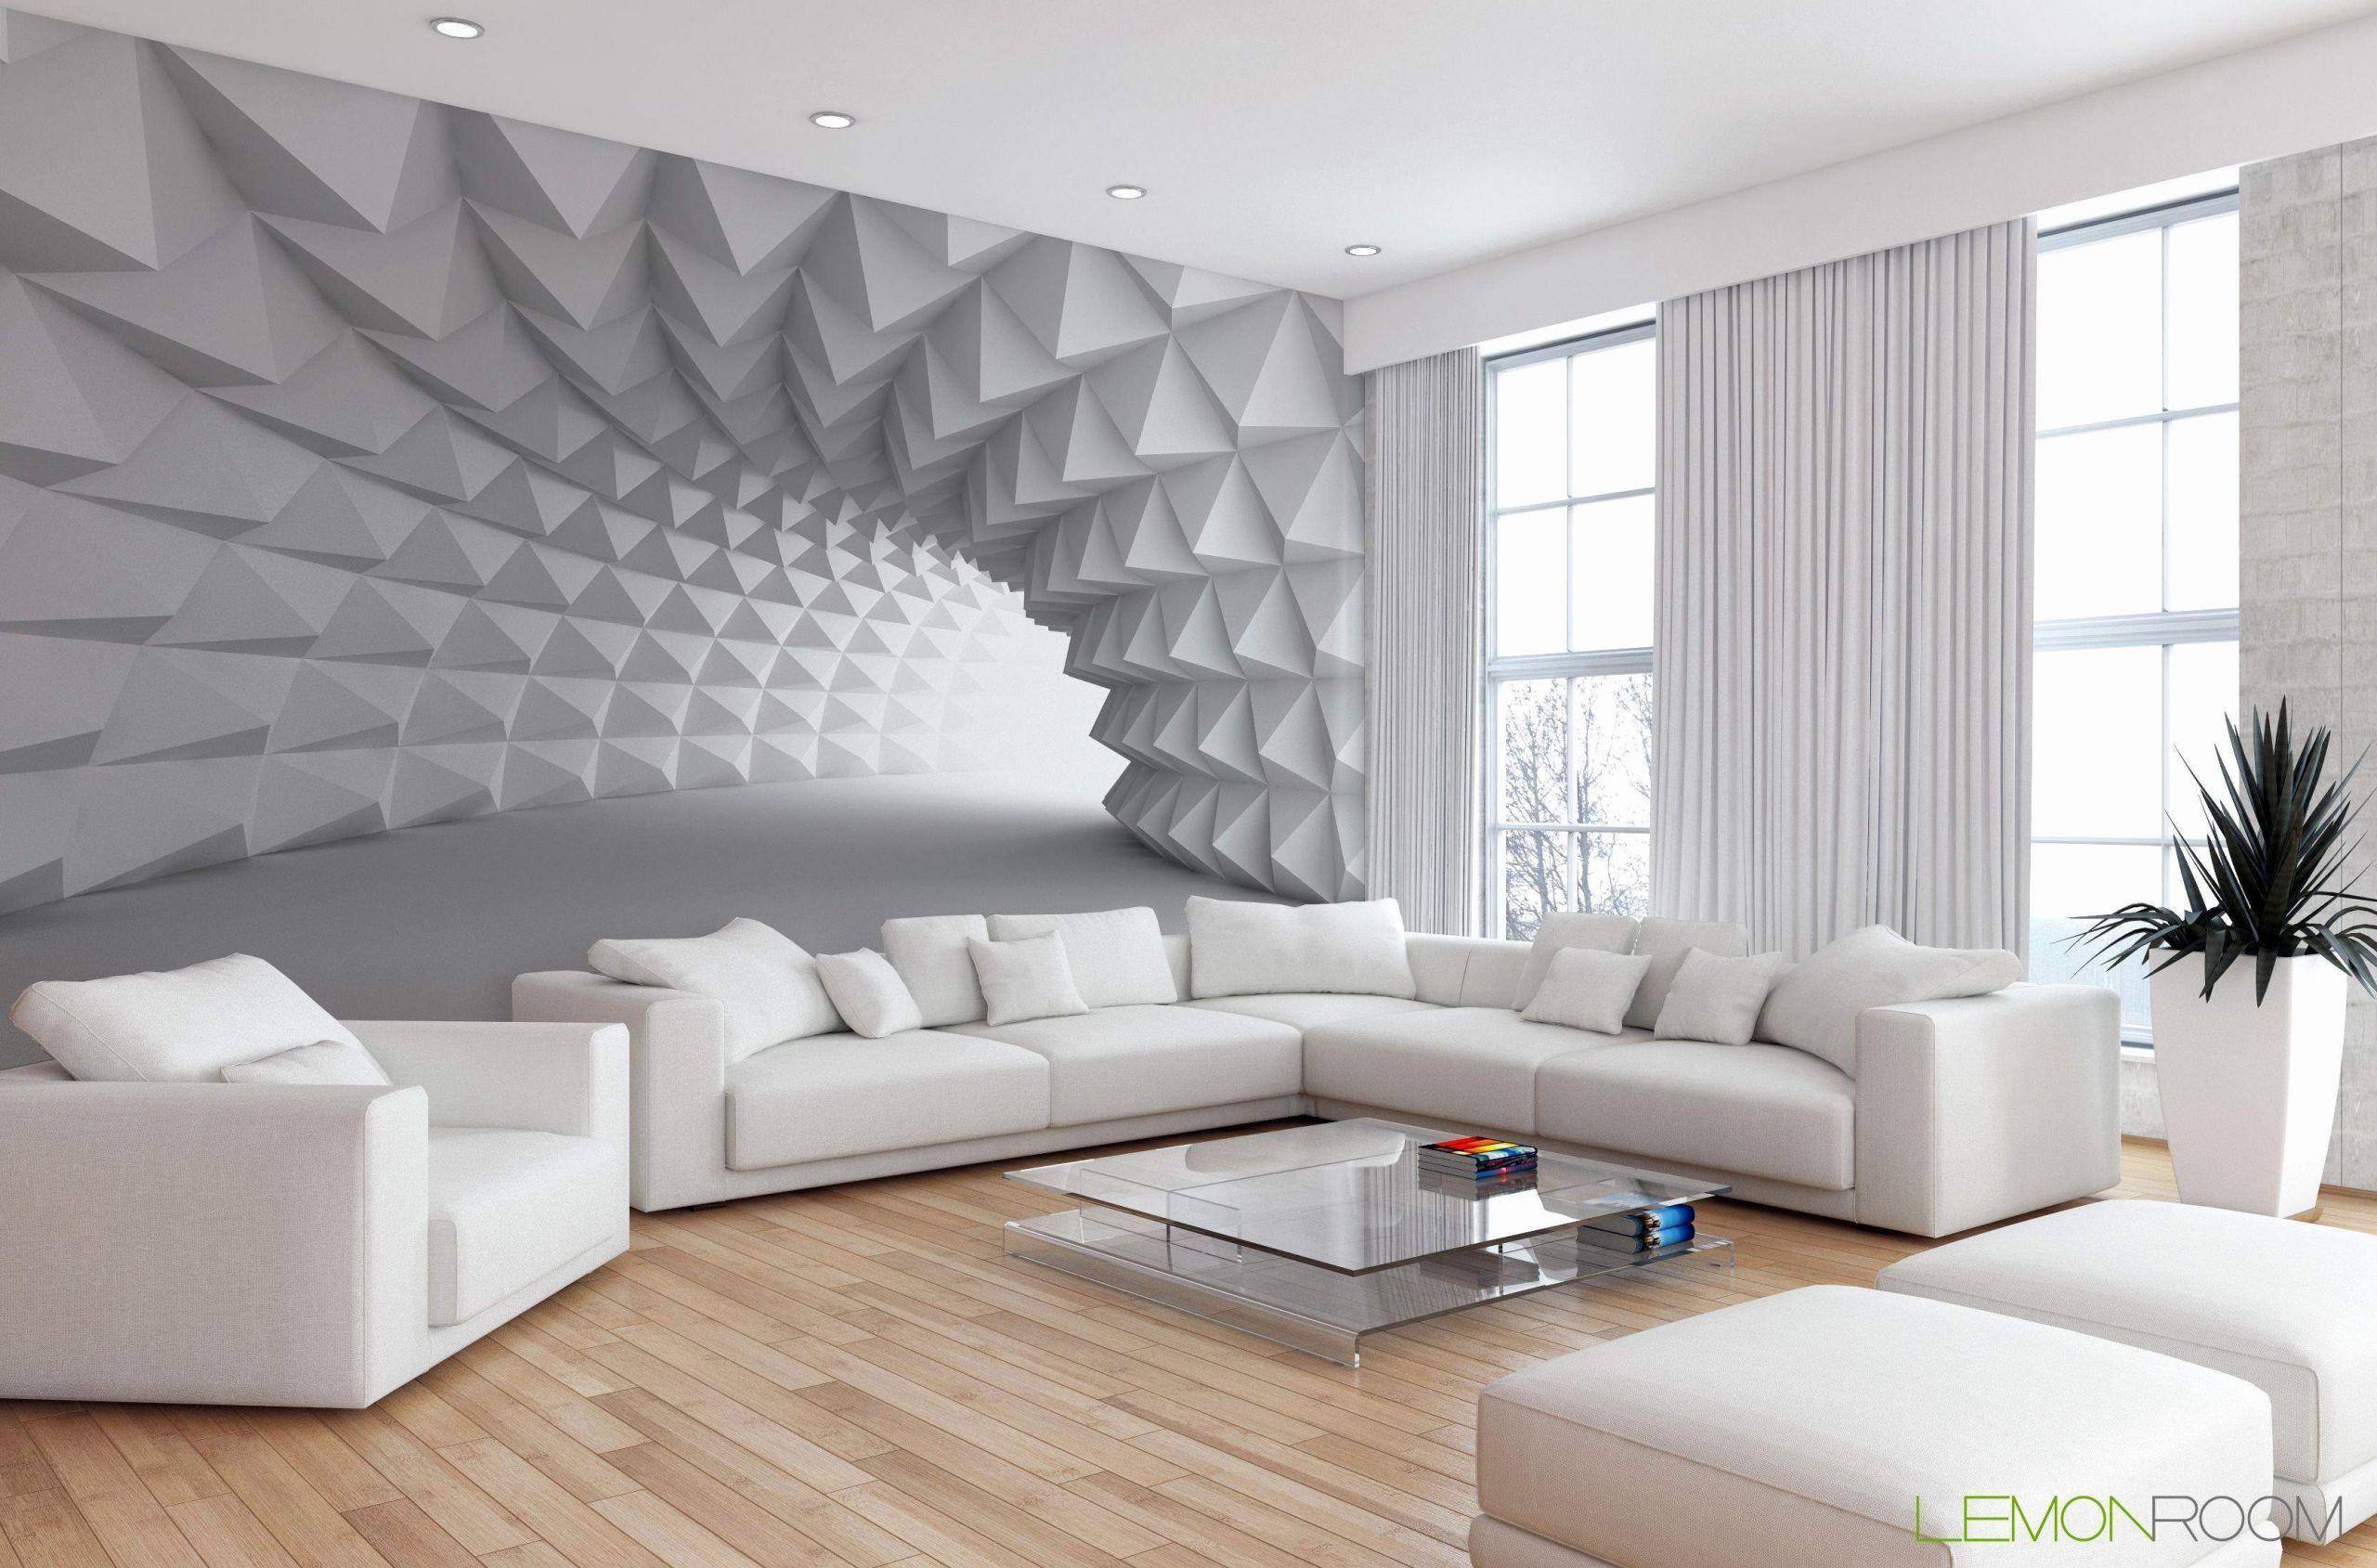 Außergewöhnliche Wohnzimmer Ideen Tapeten - 7 in 7